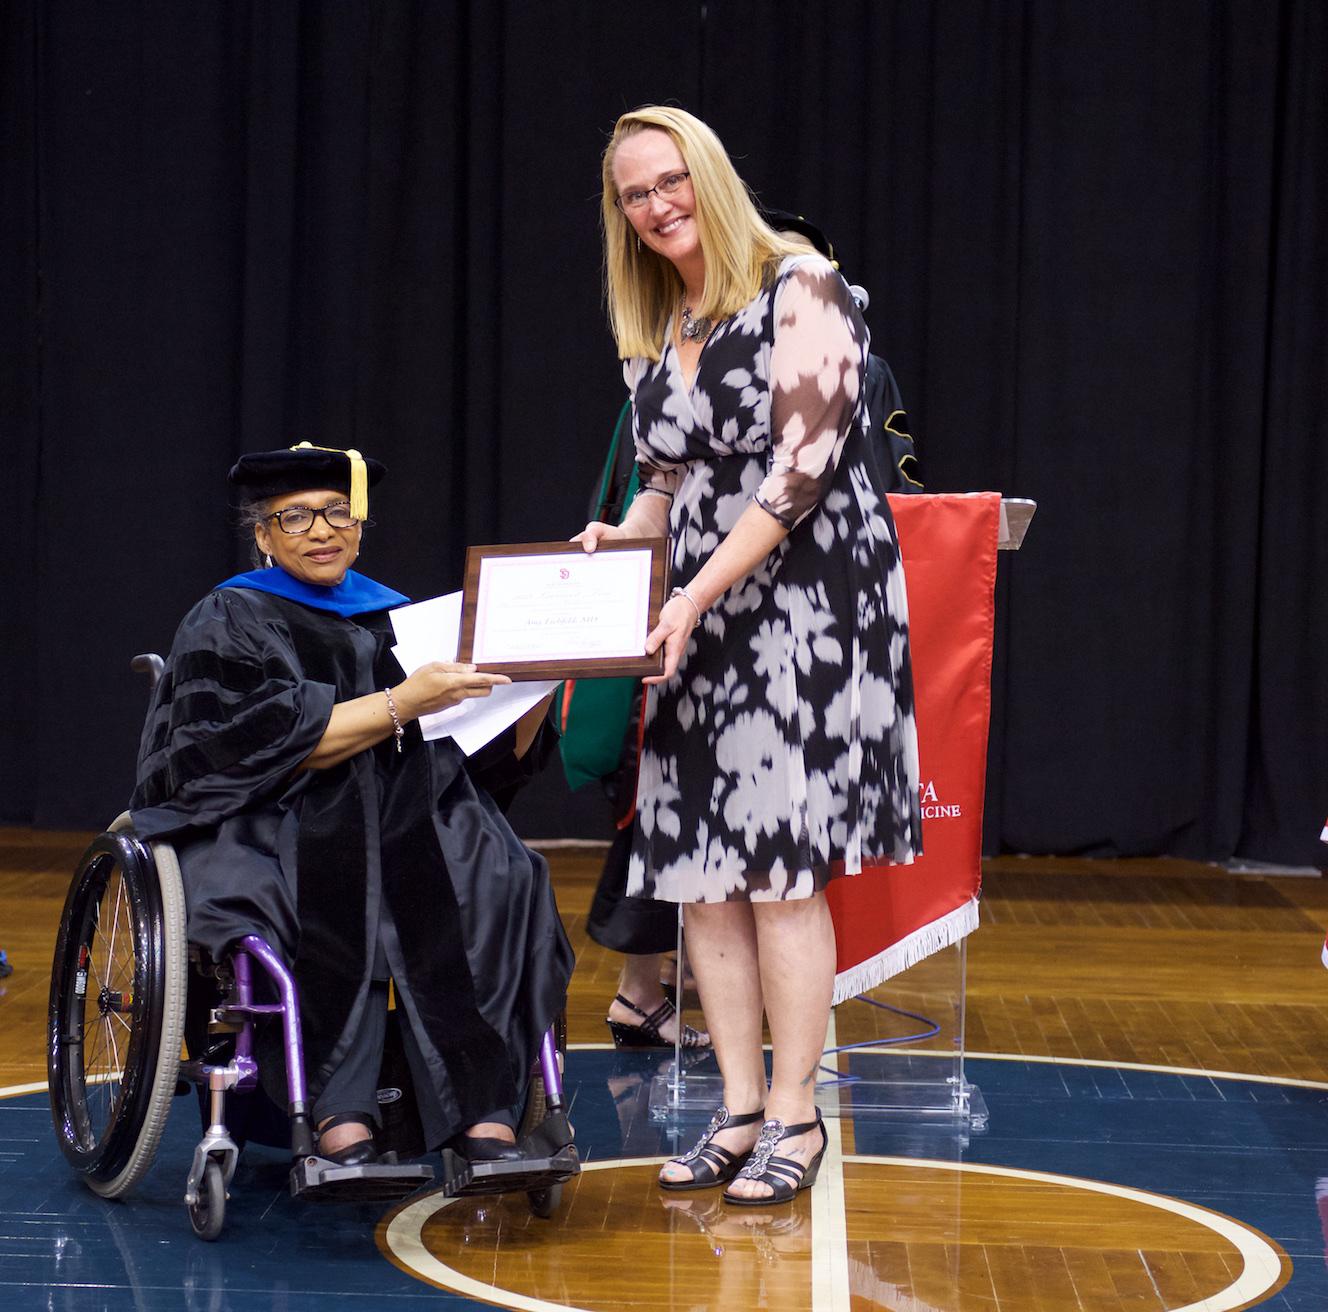 Dr. Amy Eichfeld receiving award